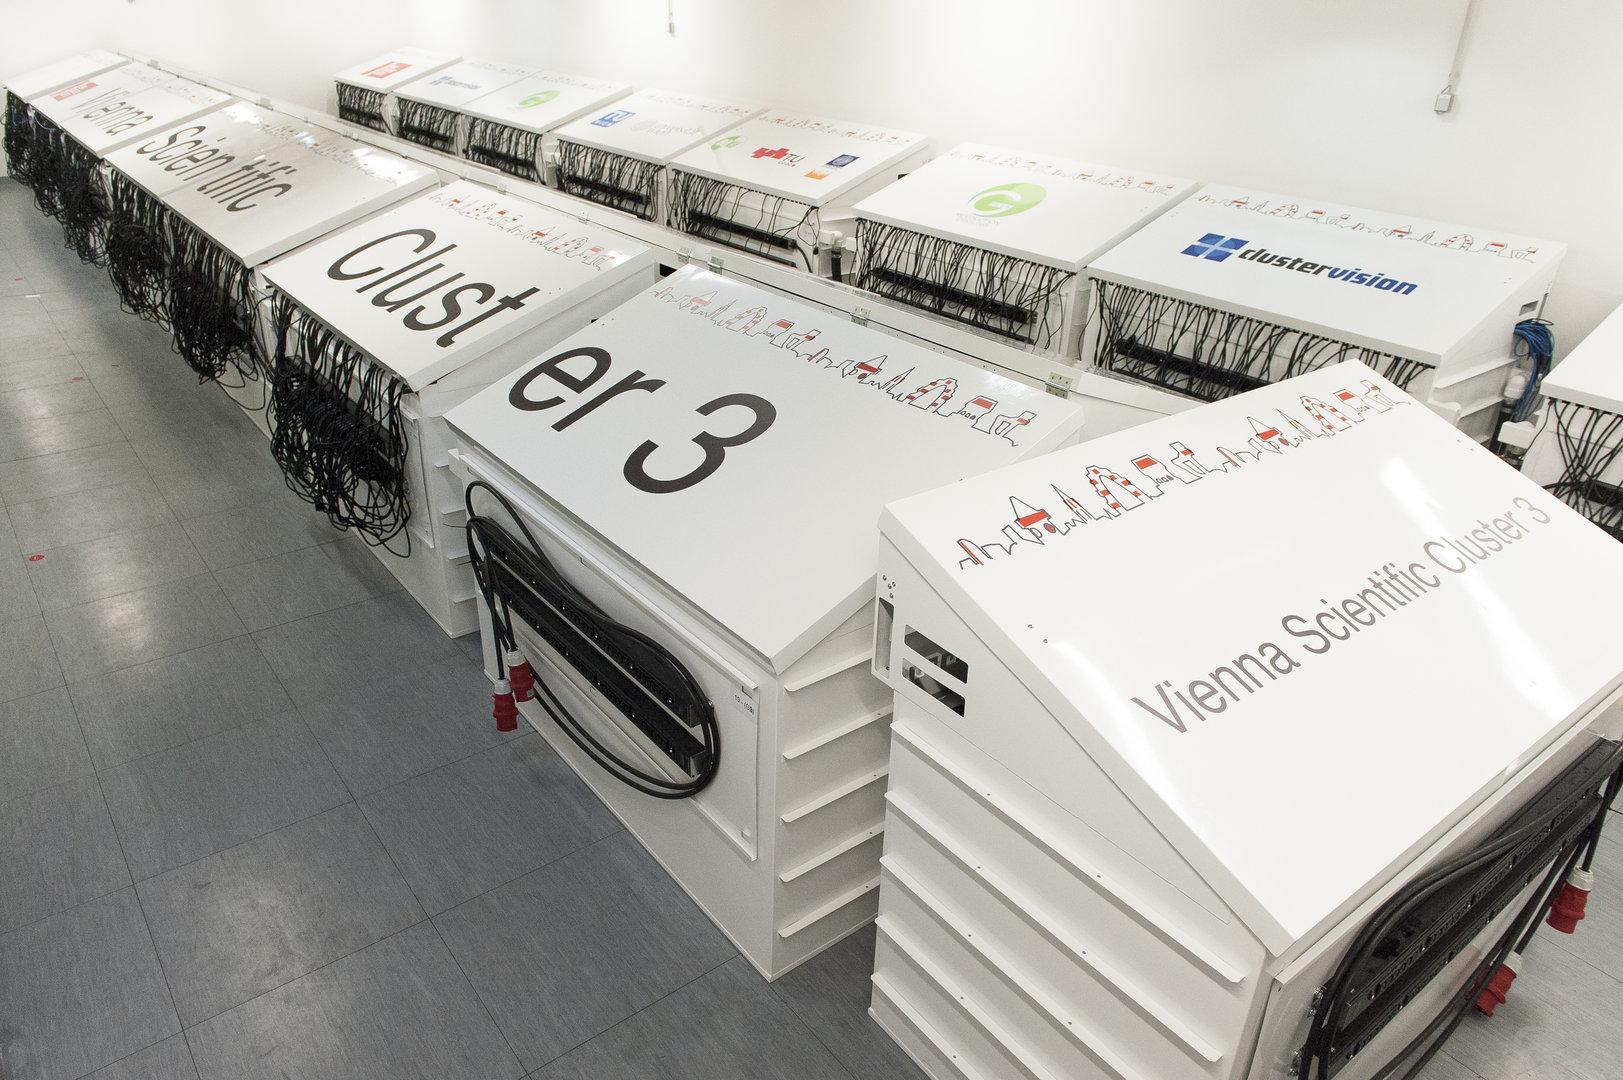 Der VSC 3 der TU Wien wird mit 35 Tonnen Paraffinöl gekühlt